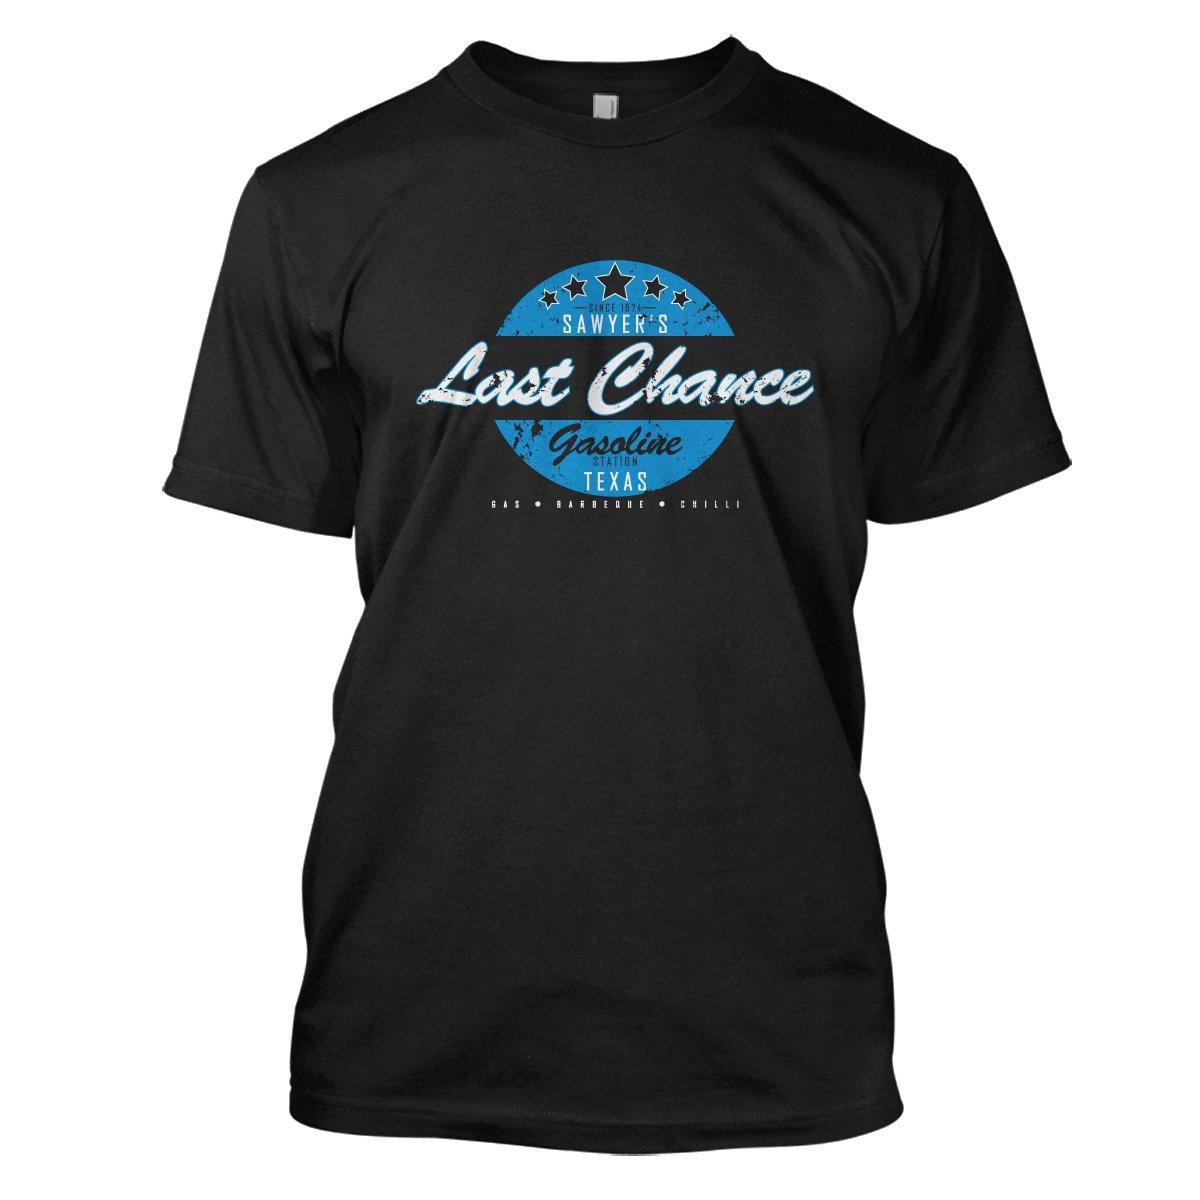 Texas Chainsaw Massacre: Last Chance Gas Mens Movie T-Shirt Medium Black